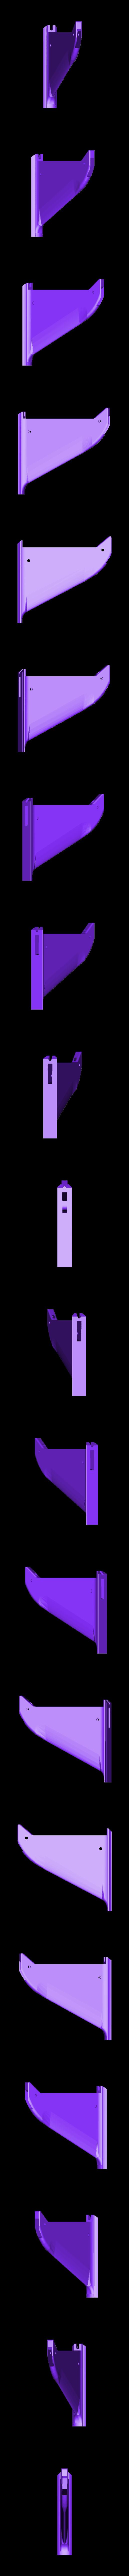 Vert_stab.stl Télécharger fichier STL gratuit Planeur modulaire RC Sailplane entièrement imprimé en 3D. • Objet à imprimer en 3D, Georgemacghay